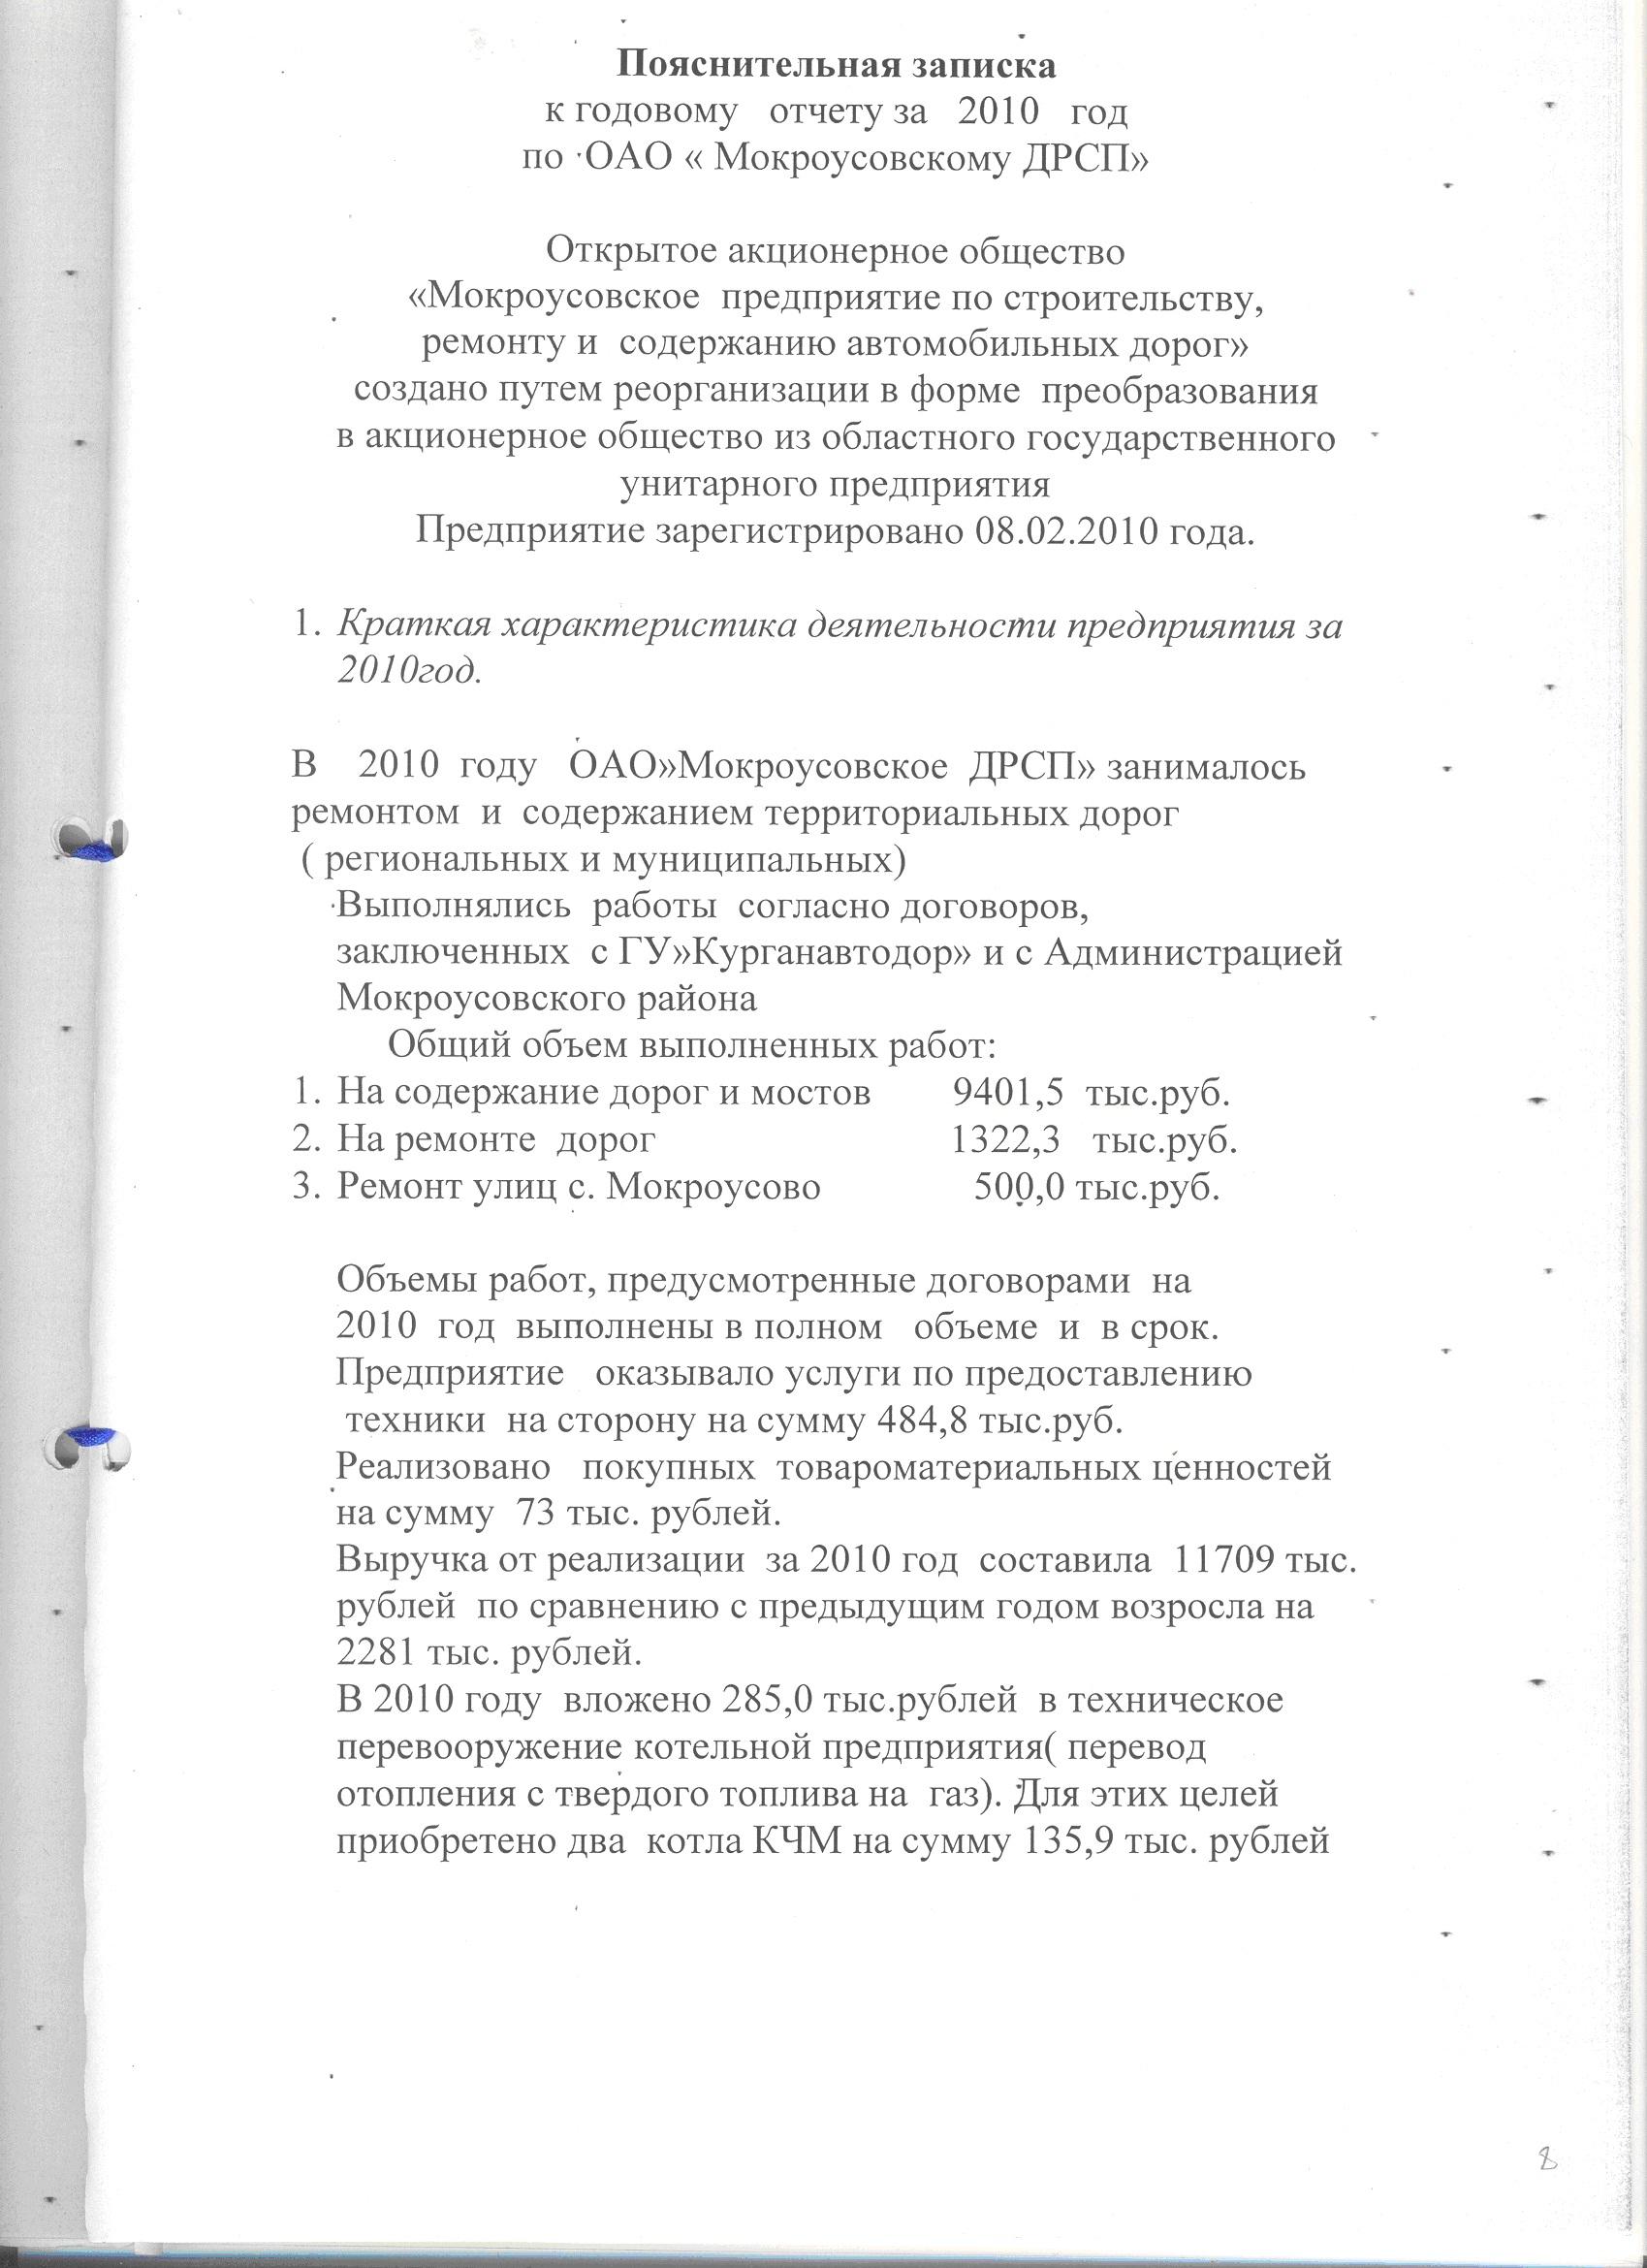 h бланк пояснительной записки к балансу за 2011 год